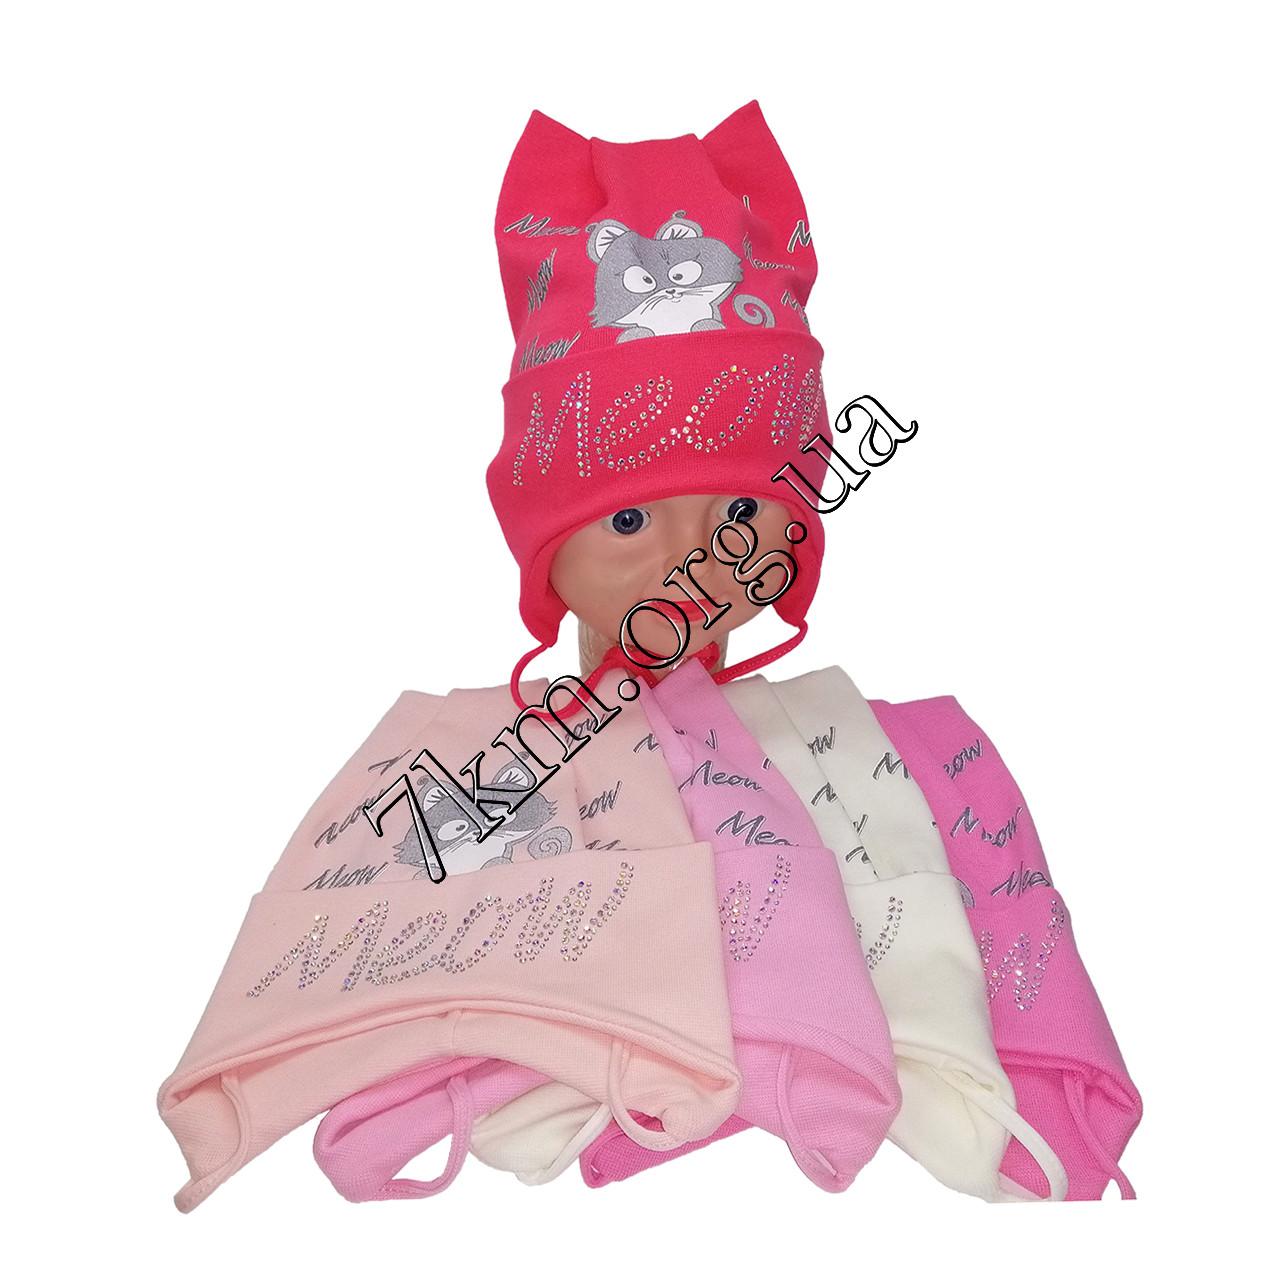 """Шапка детская одинарный трикотаж +завязки для девочек """"Meow"""" 1,5-3 года Польша Оптом 7636"""